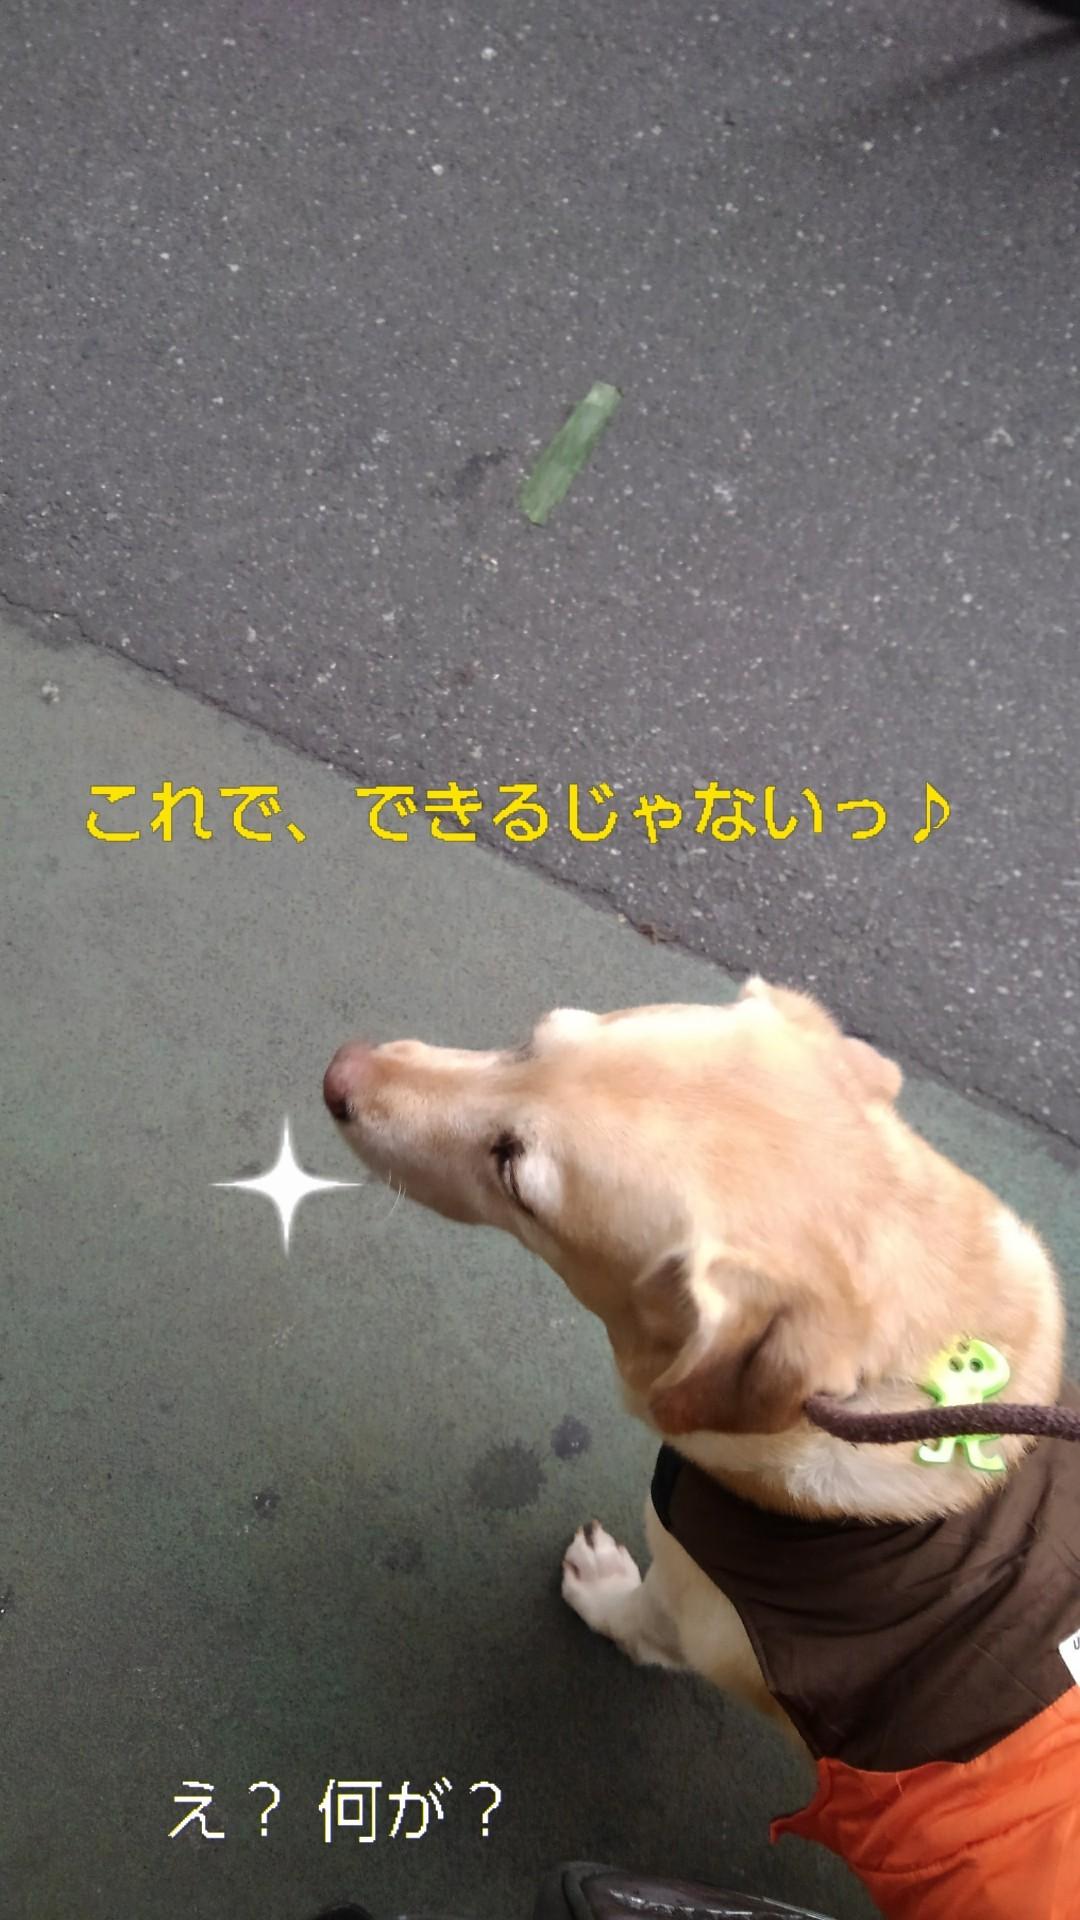 高円寺の落ちネギ・84(さらに)_b0339522_10245011.jpg